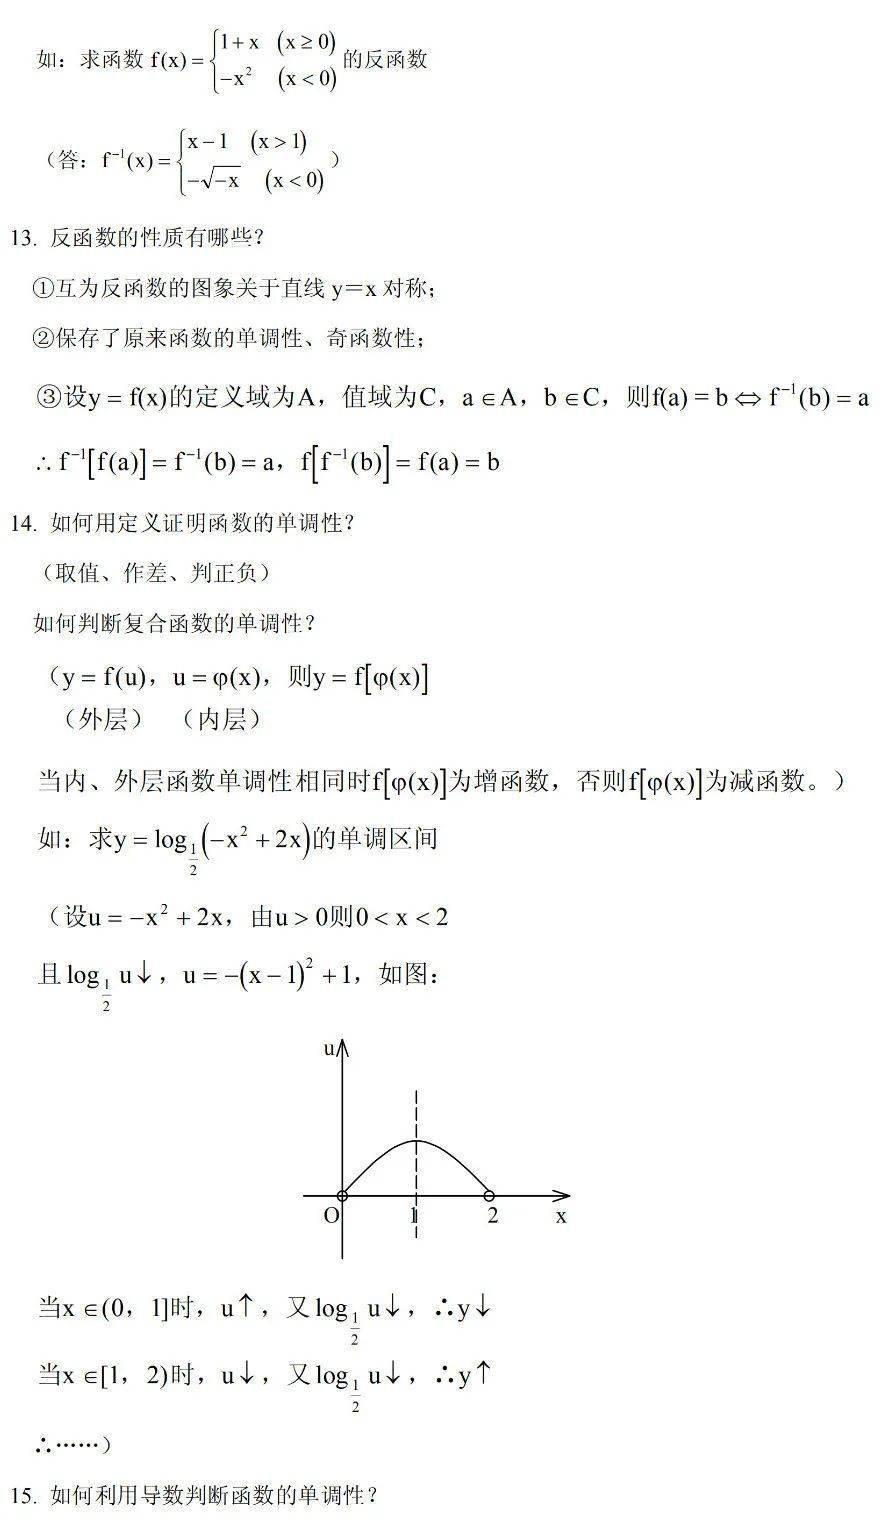 2021高考数学必备知识点总结,考前过一遍,查漏补缺就用它!